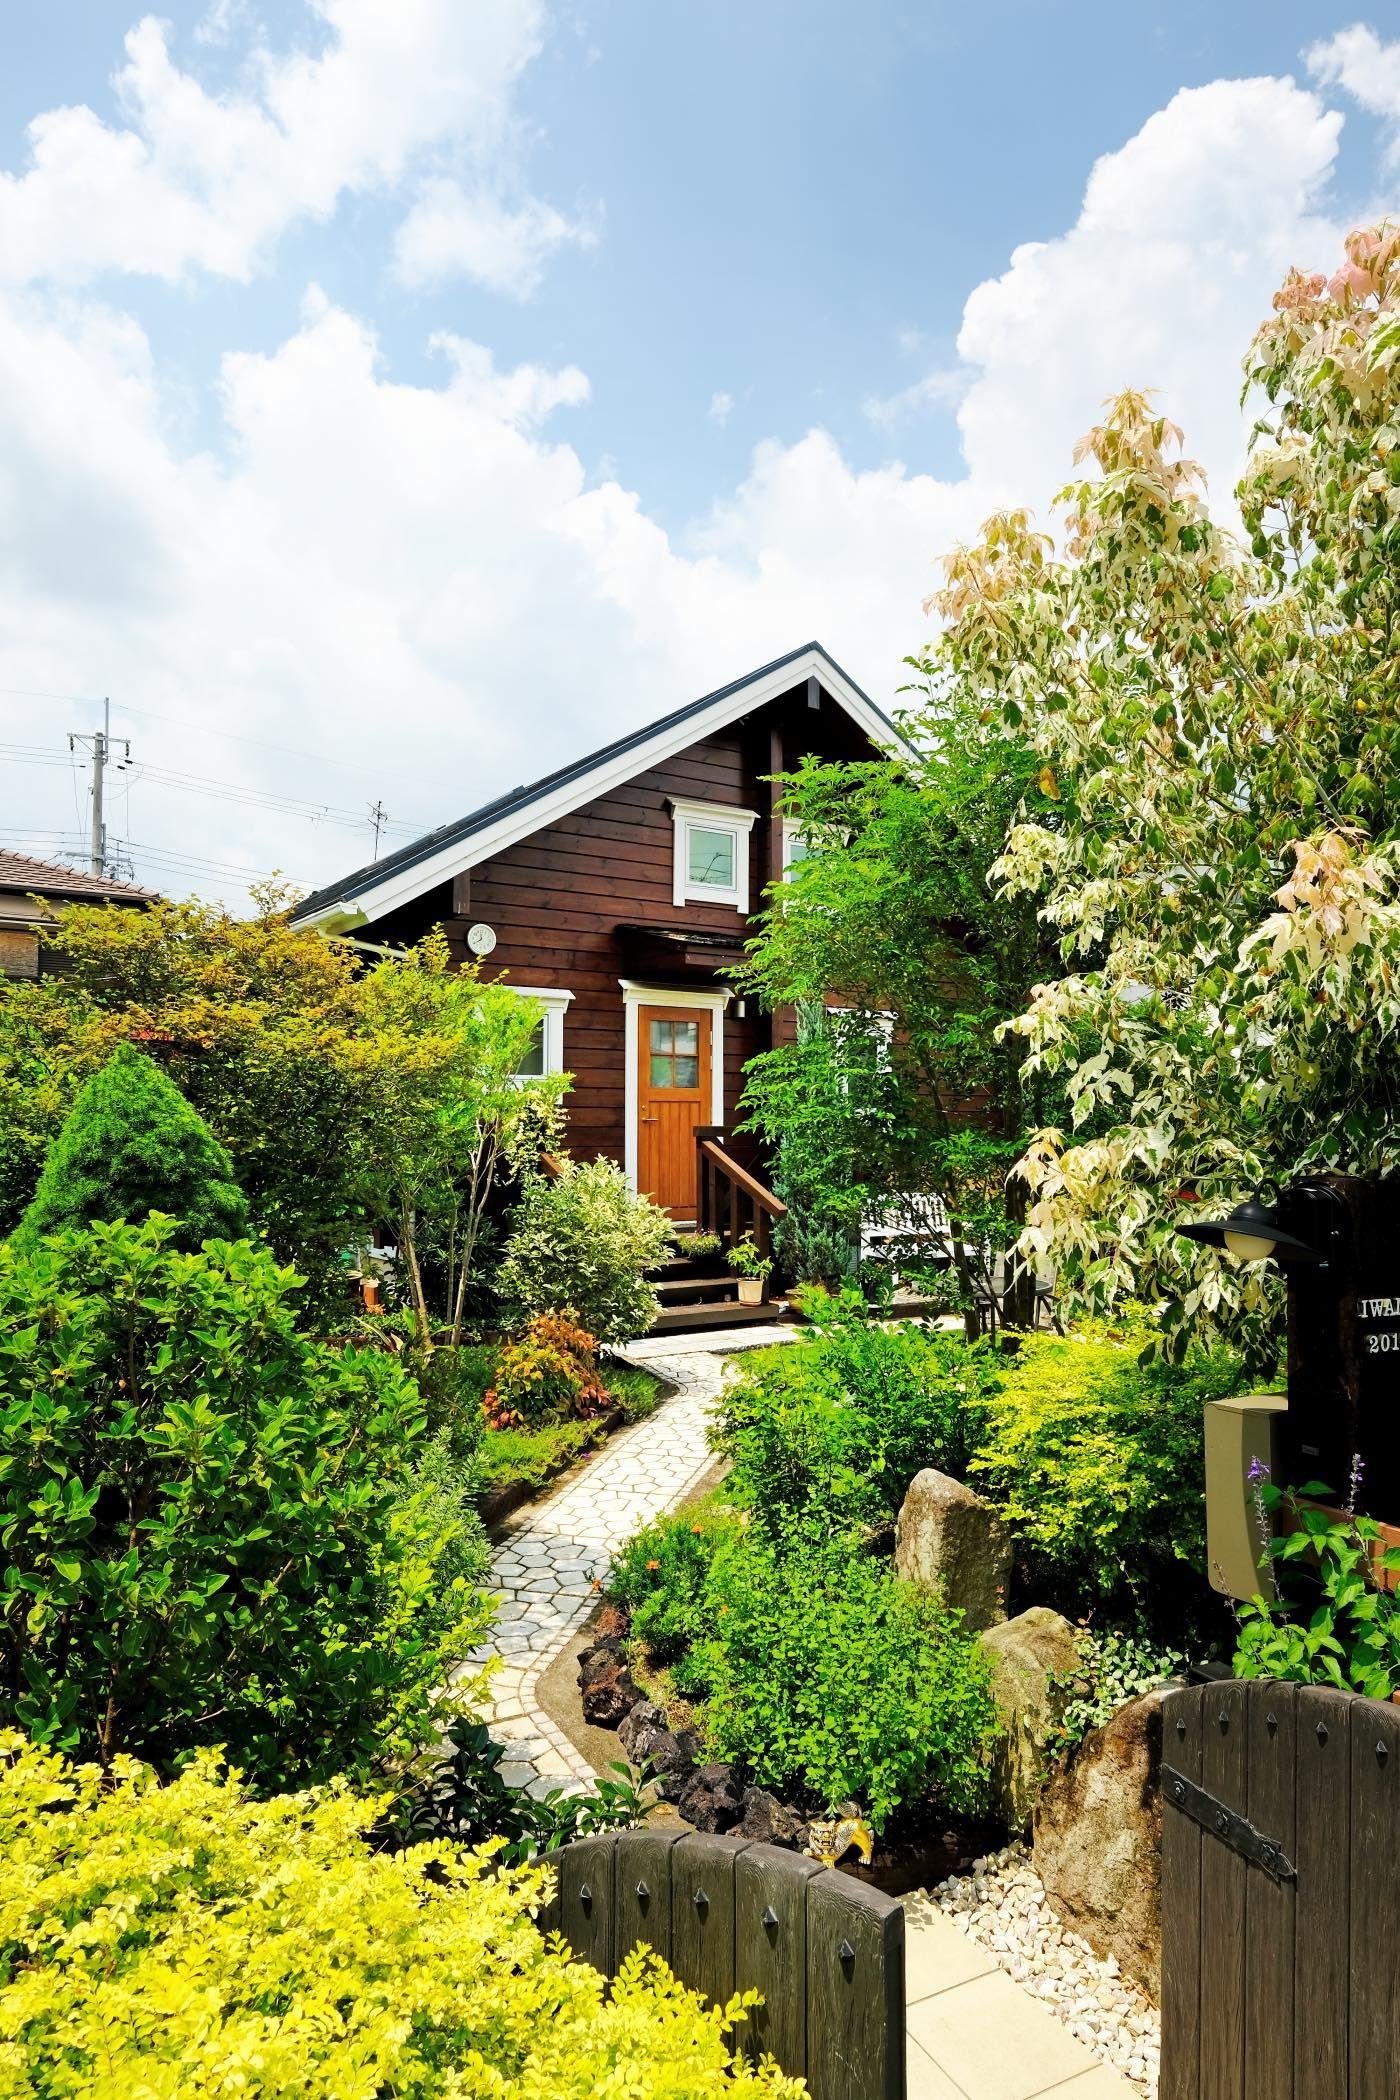 美しい自作のお庭を愛でる住宅街のログハウス エクステリア 庭 ログハウス